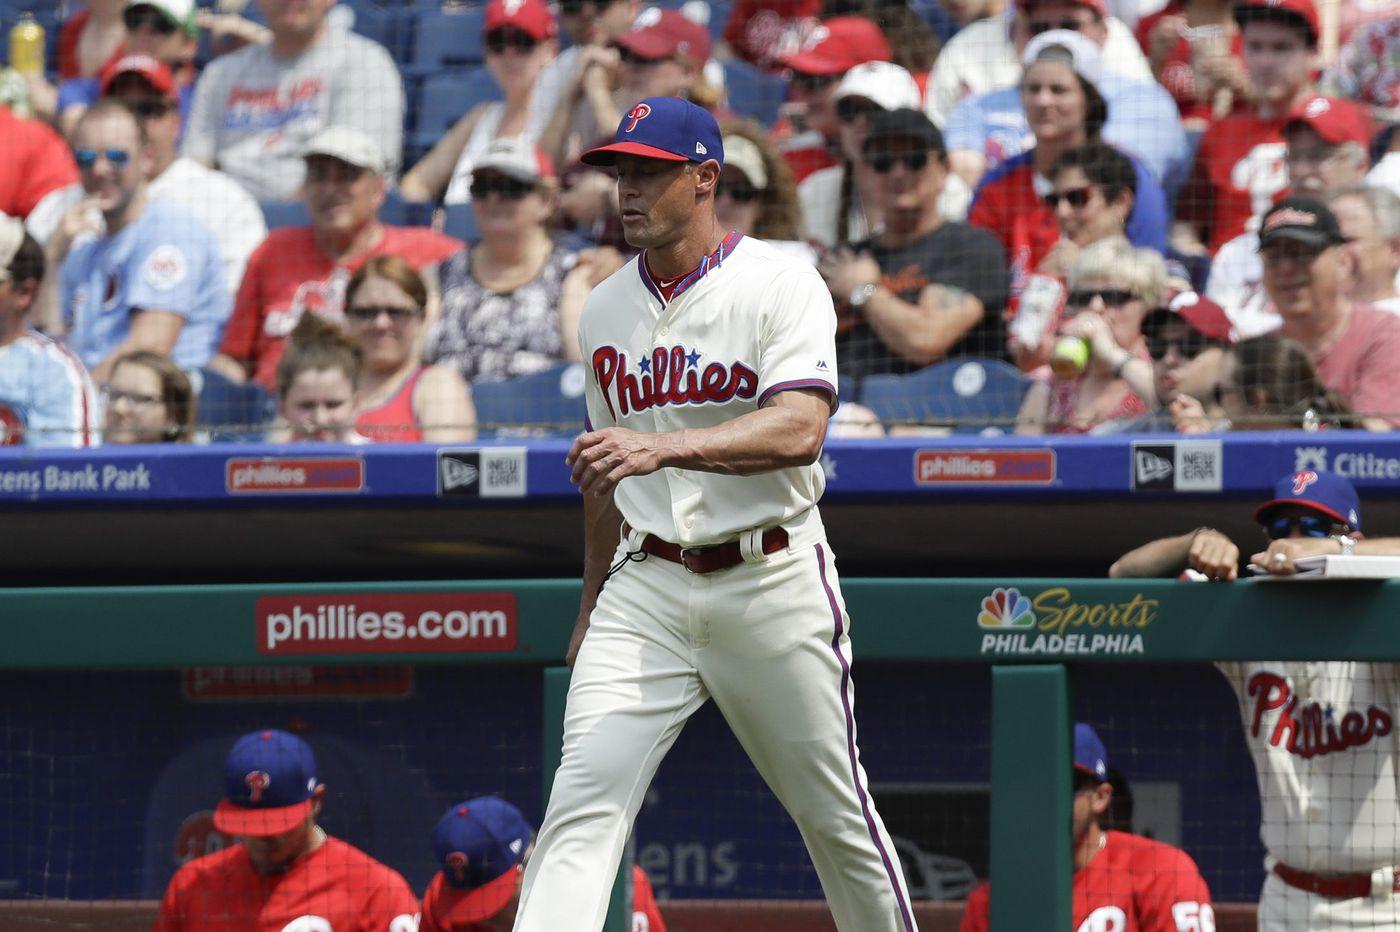 Gabe Kapler isn't God, and the Phillies bullpen has few good options   Mike Sielski